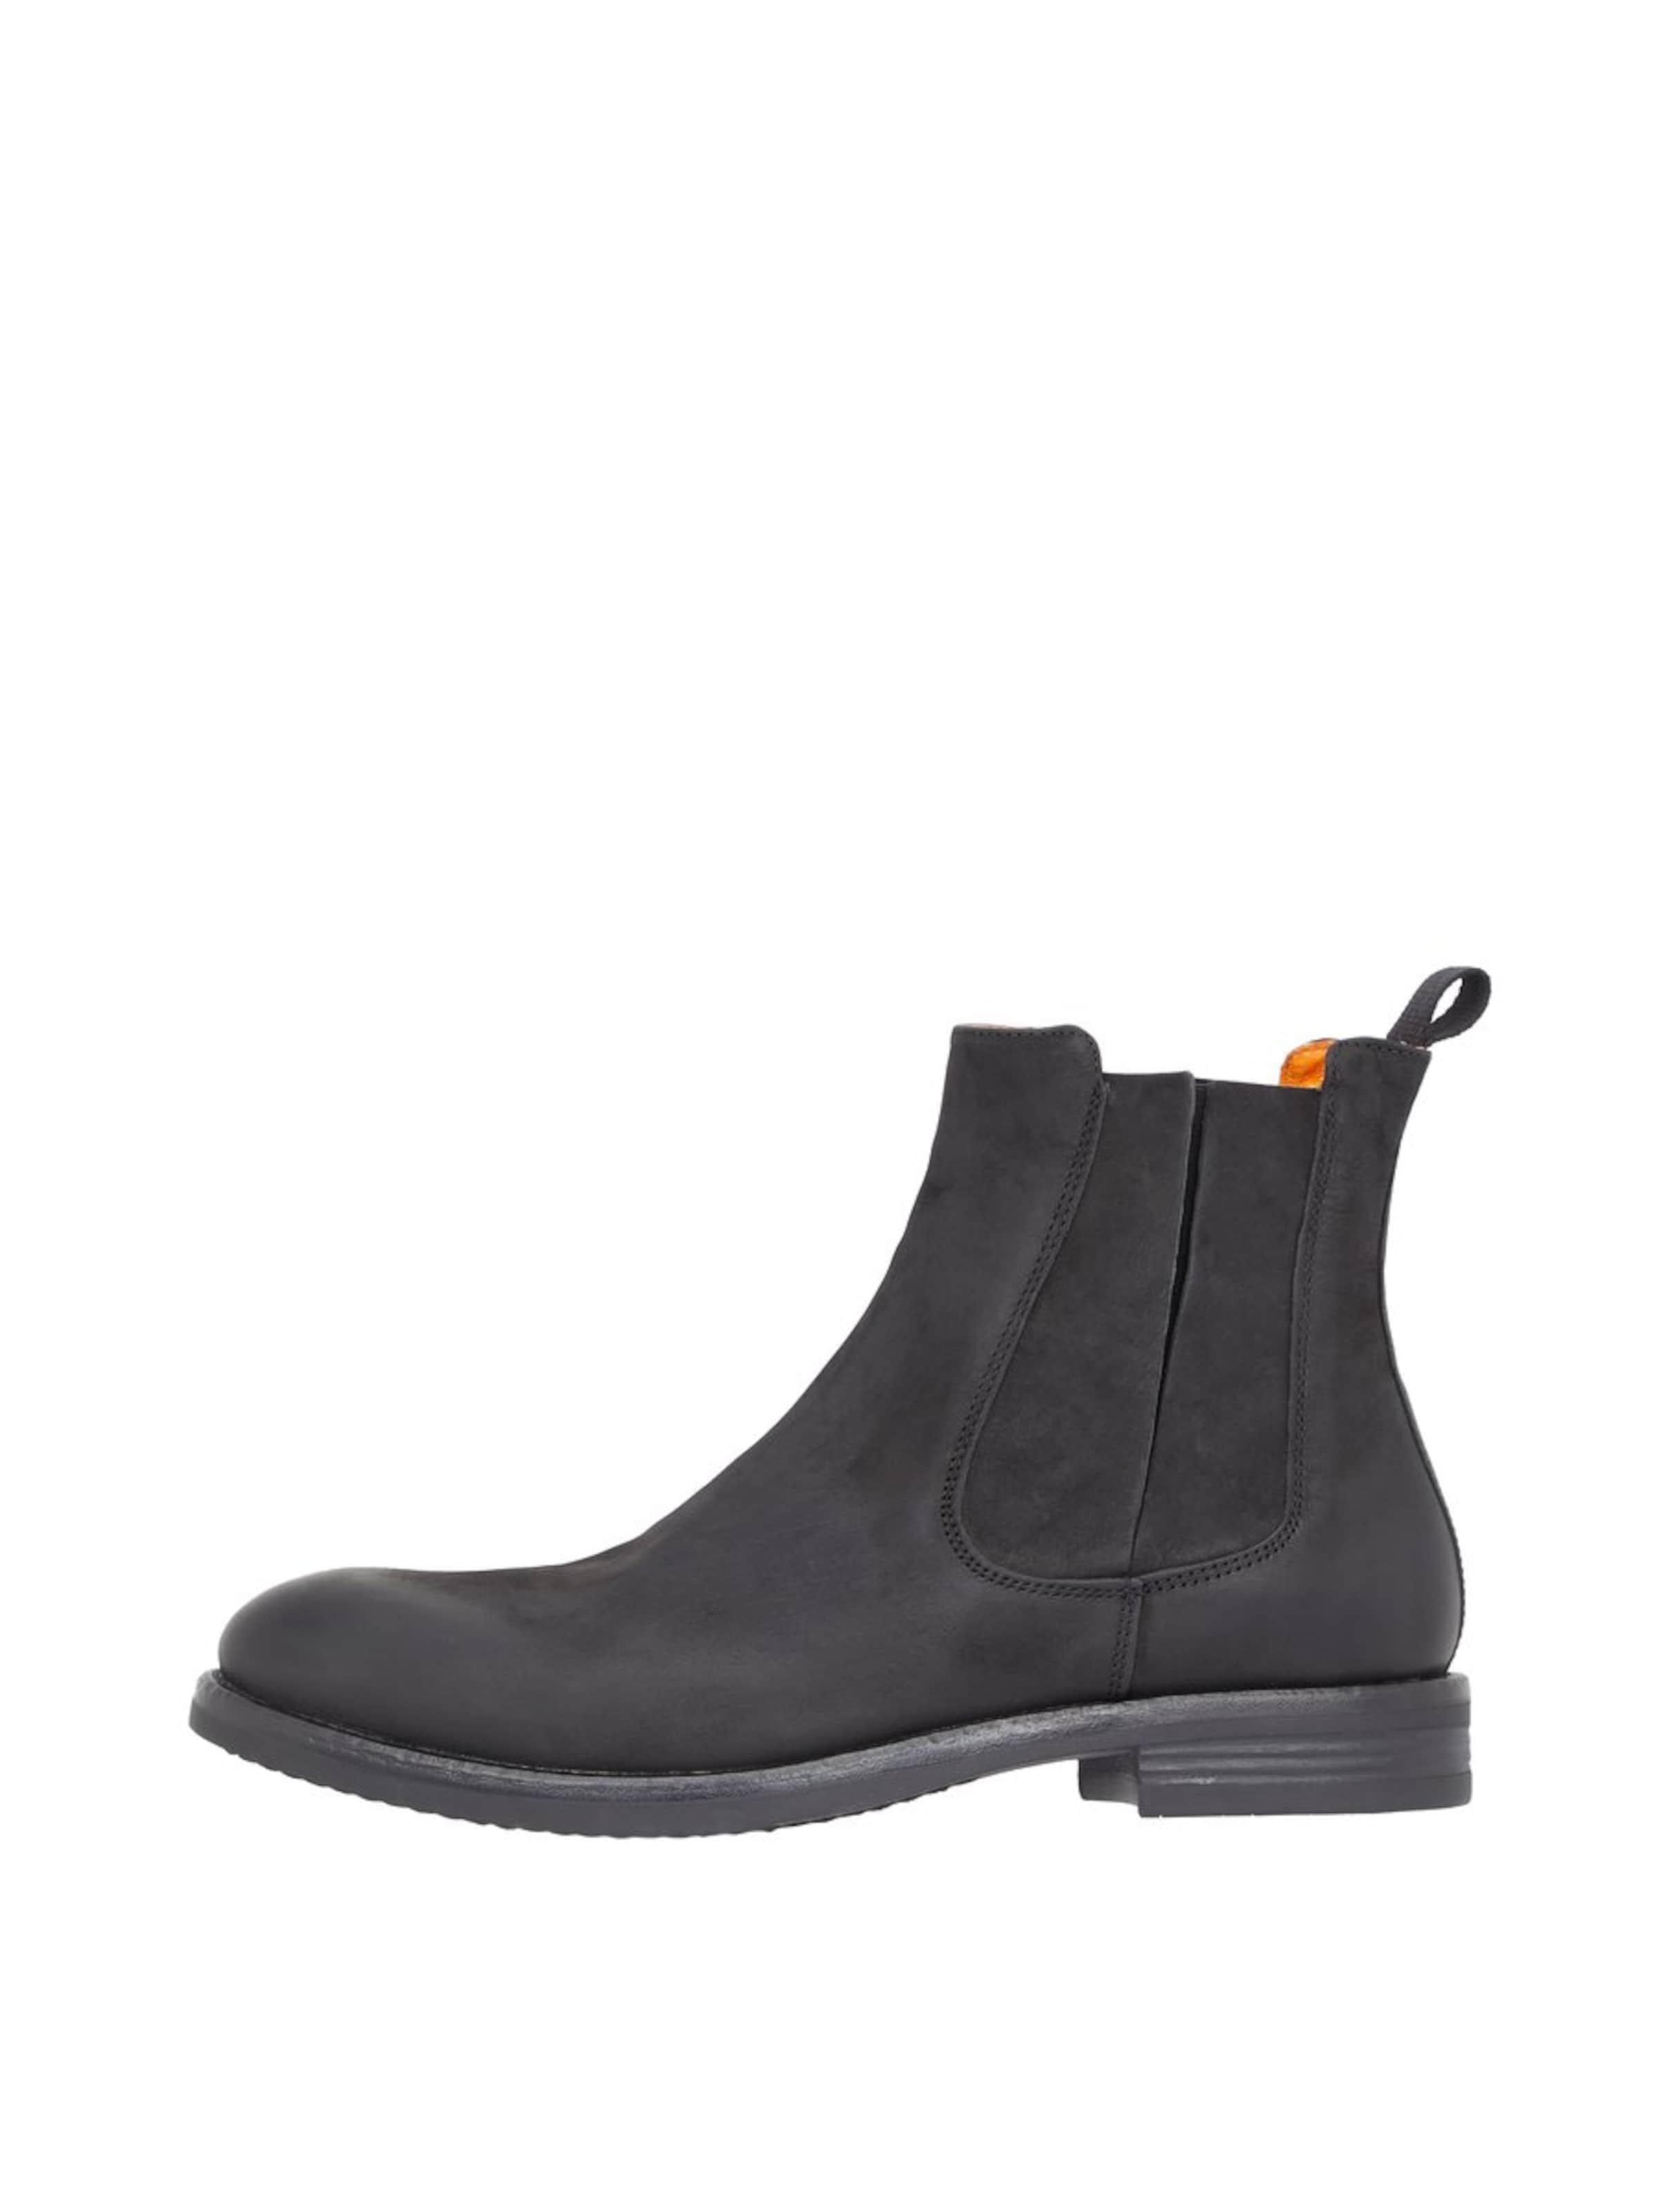 Boots Bianco 'ace' Schwarzmeliert In Chelsea J5TKcu3lF1